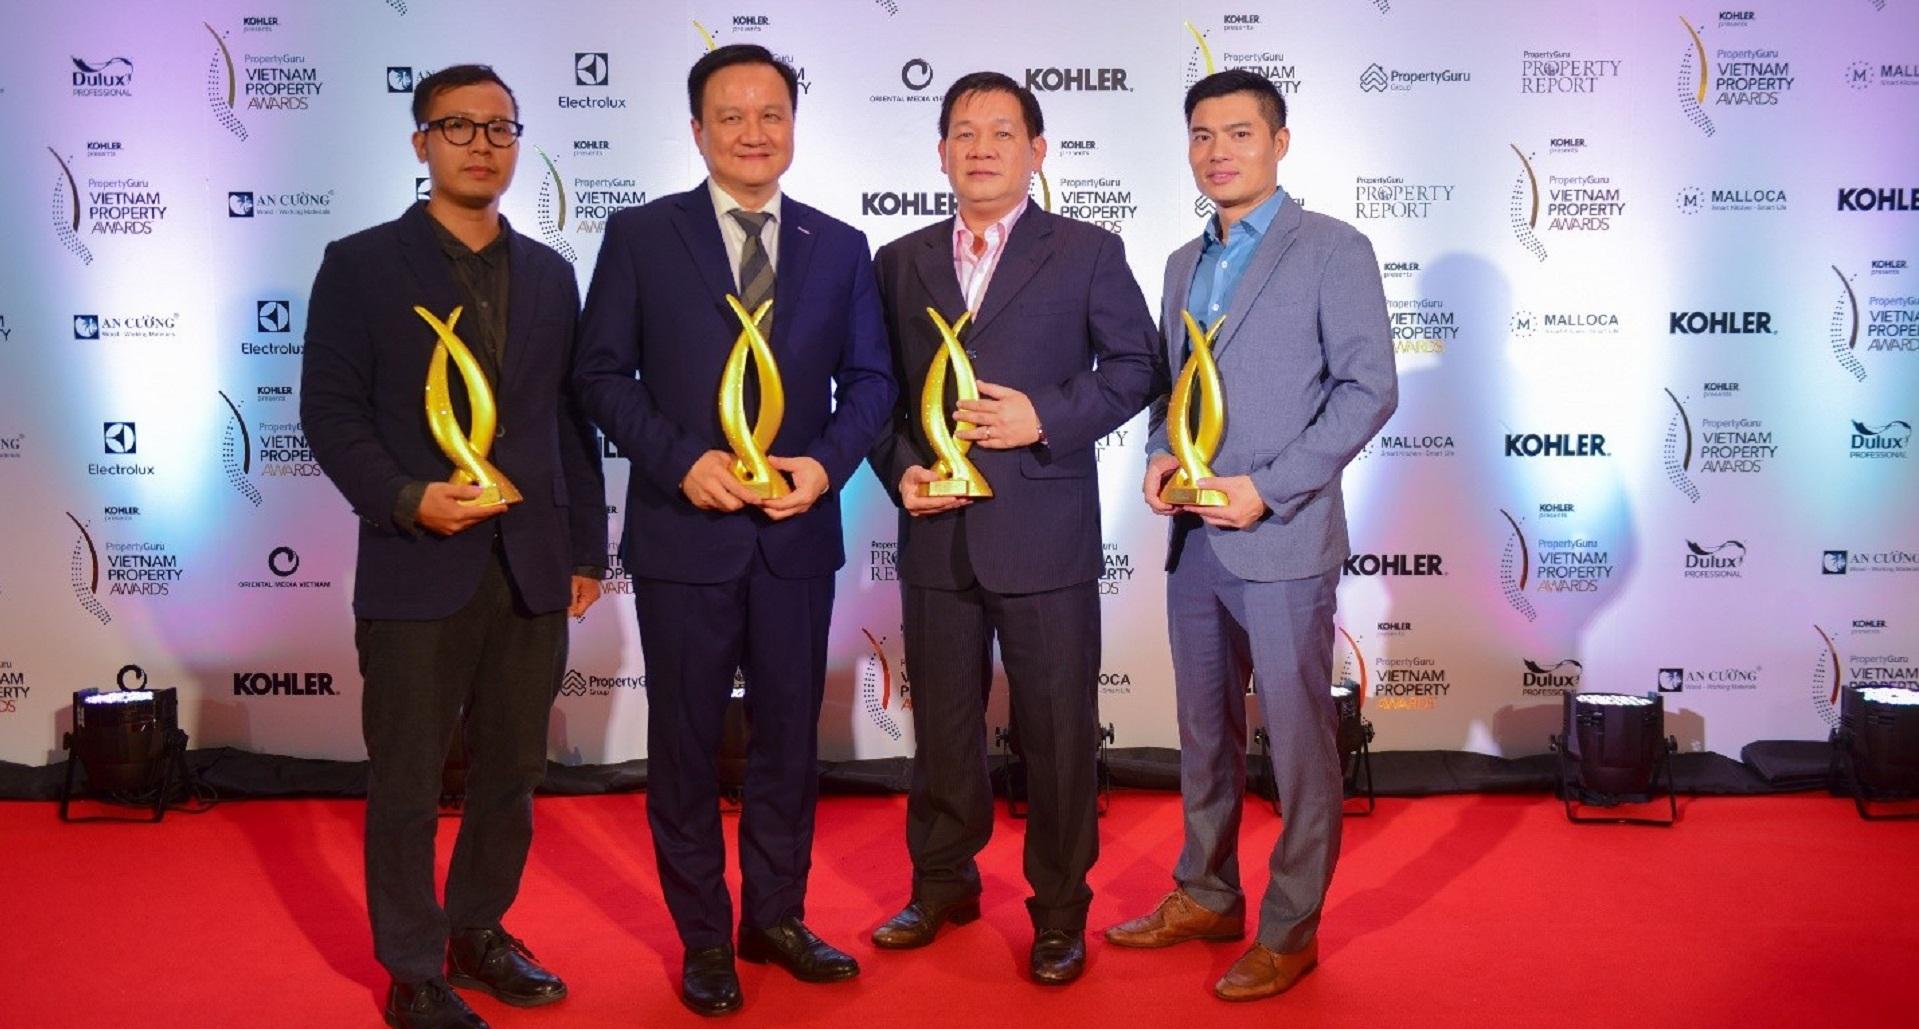 MIKGROUP WON GREAT AWARDS AT PROPERTYGURU VIETNAM PROPERTY AWARDS 2018